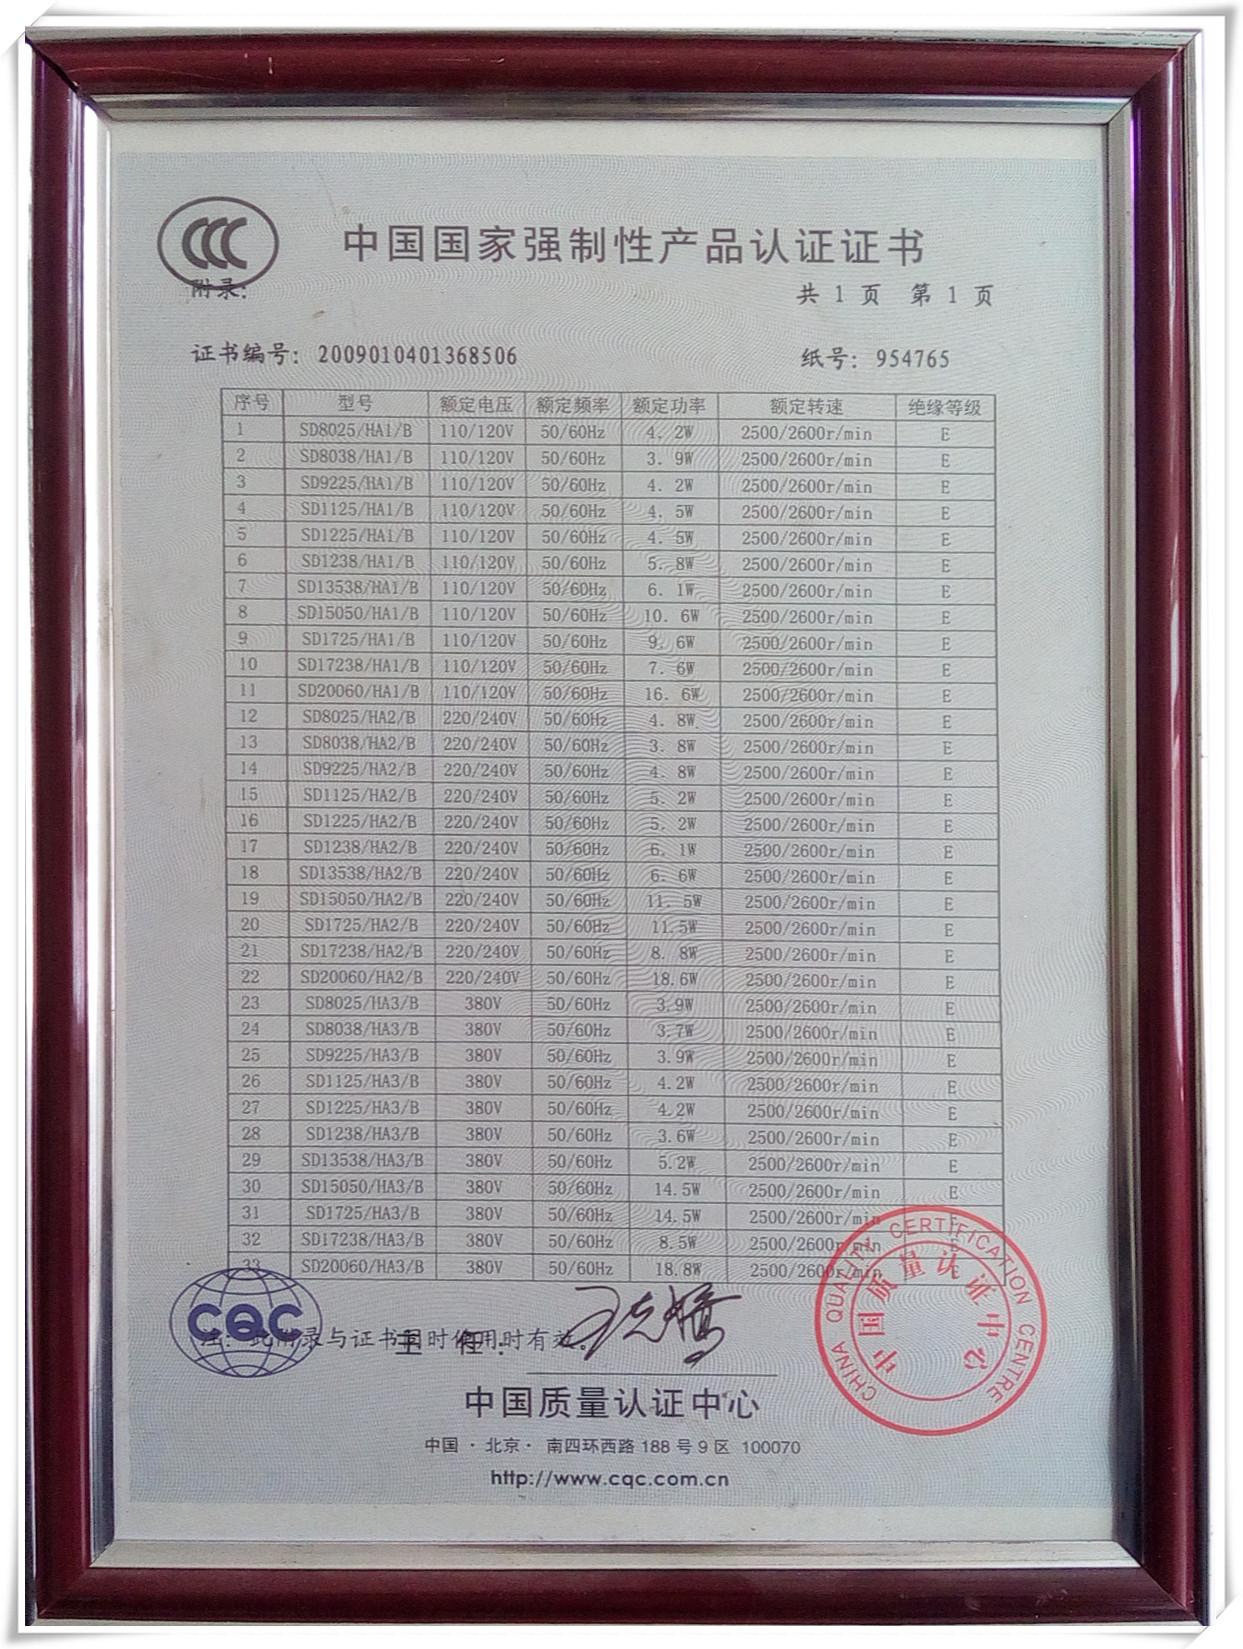 恒佳散热风扇产品3C认证